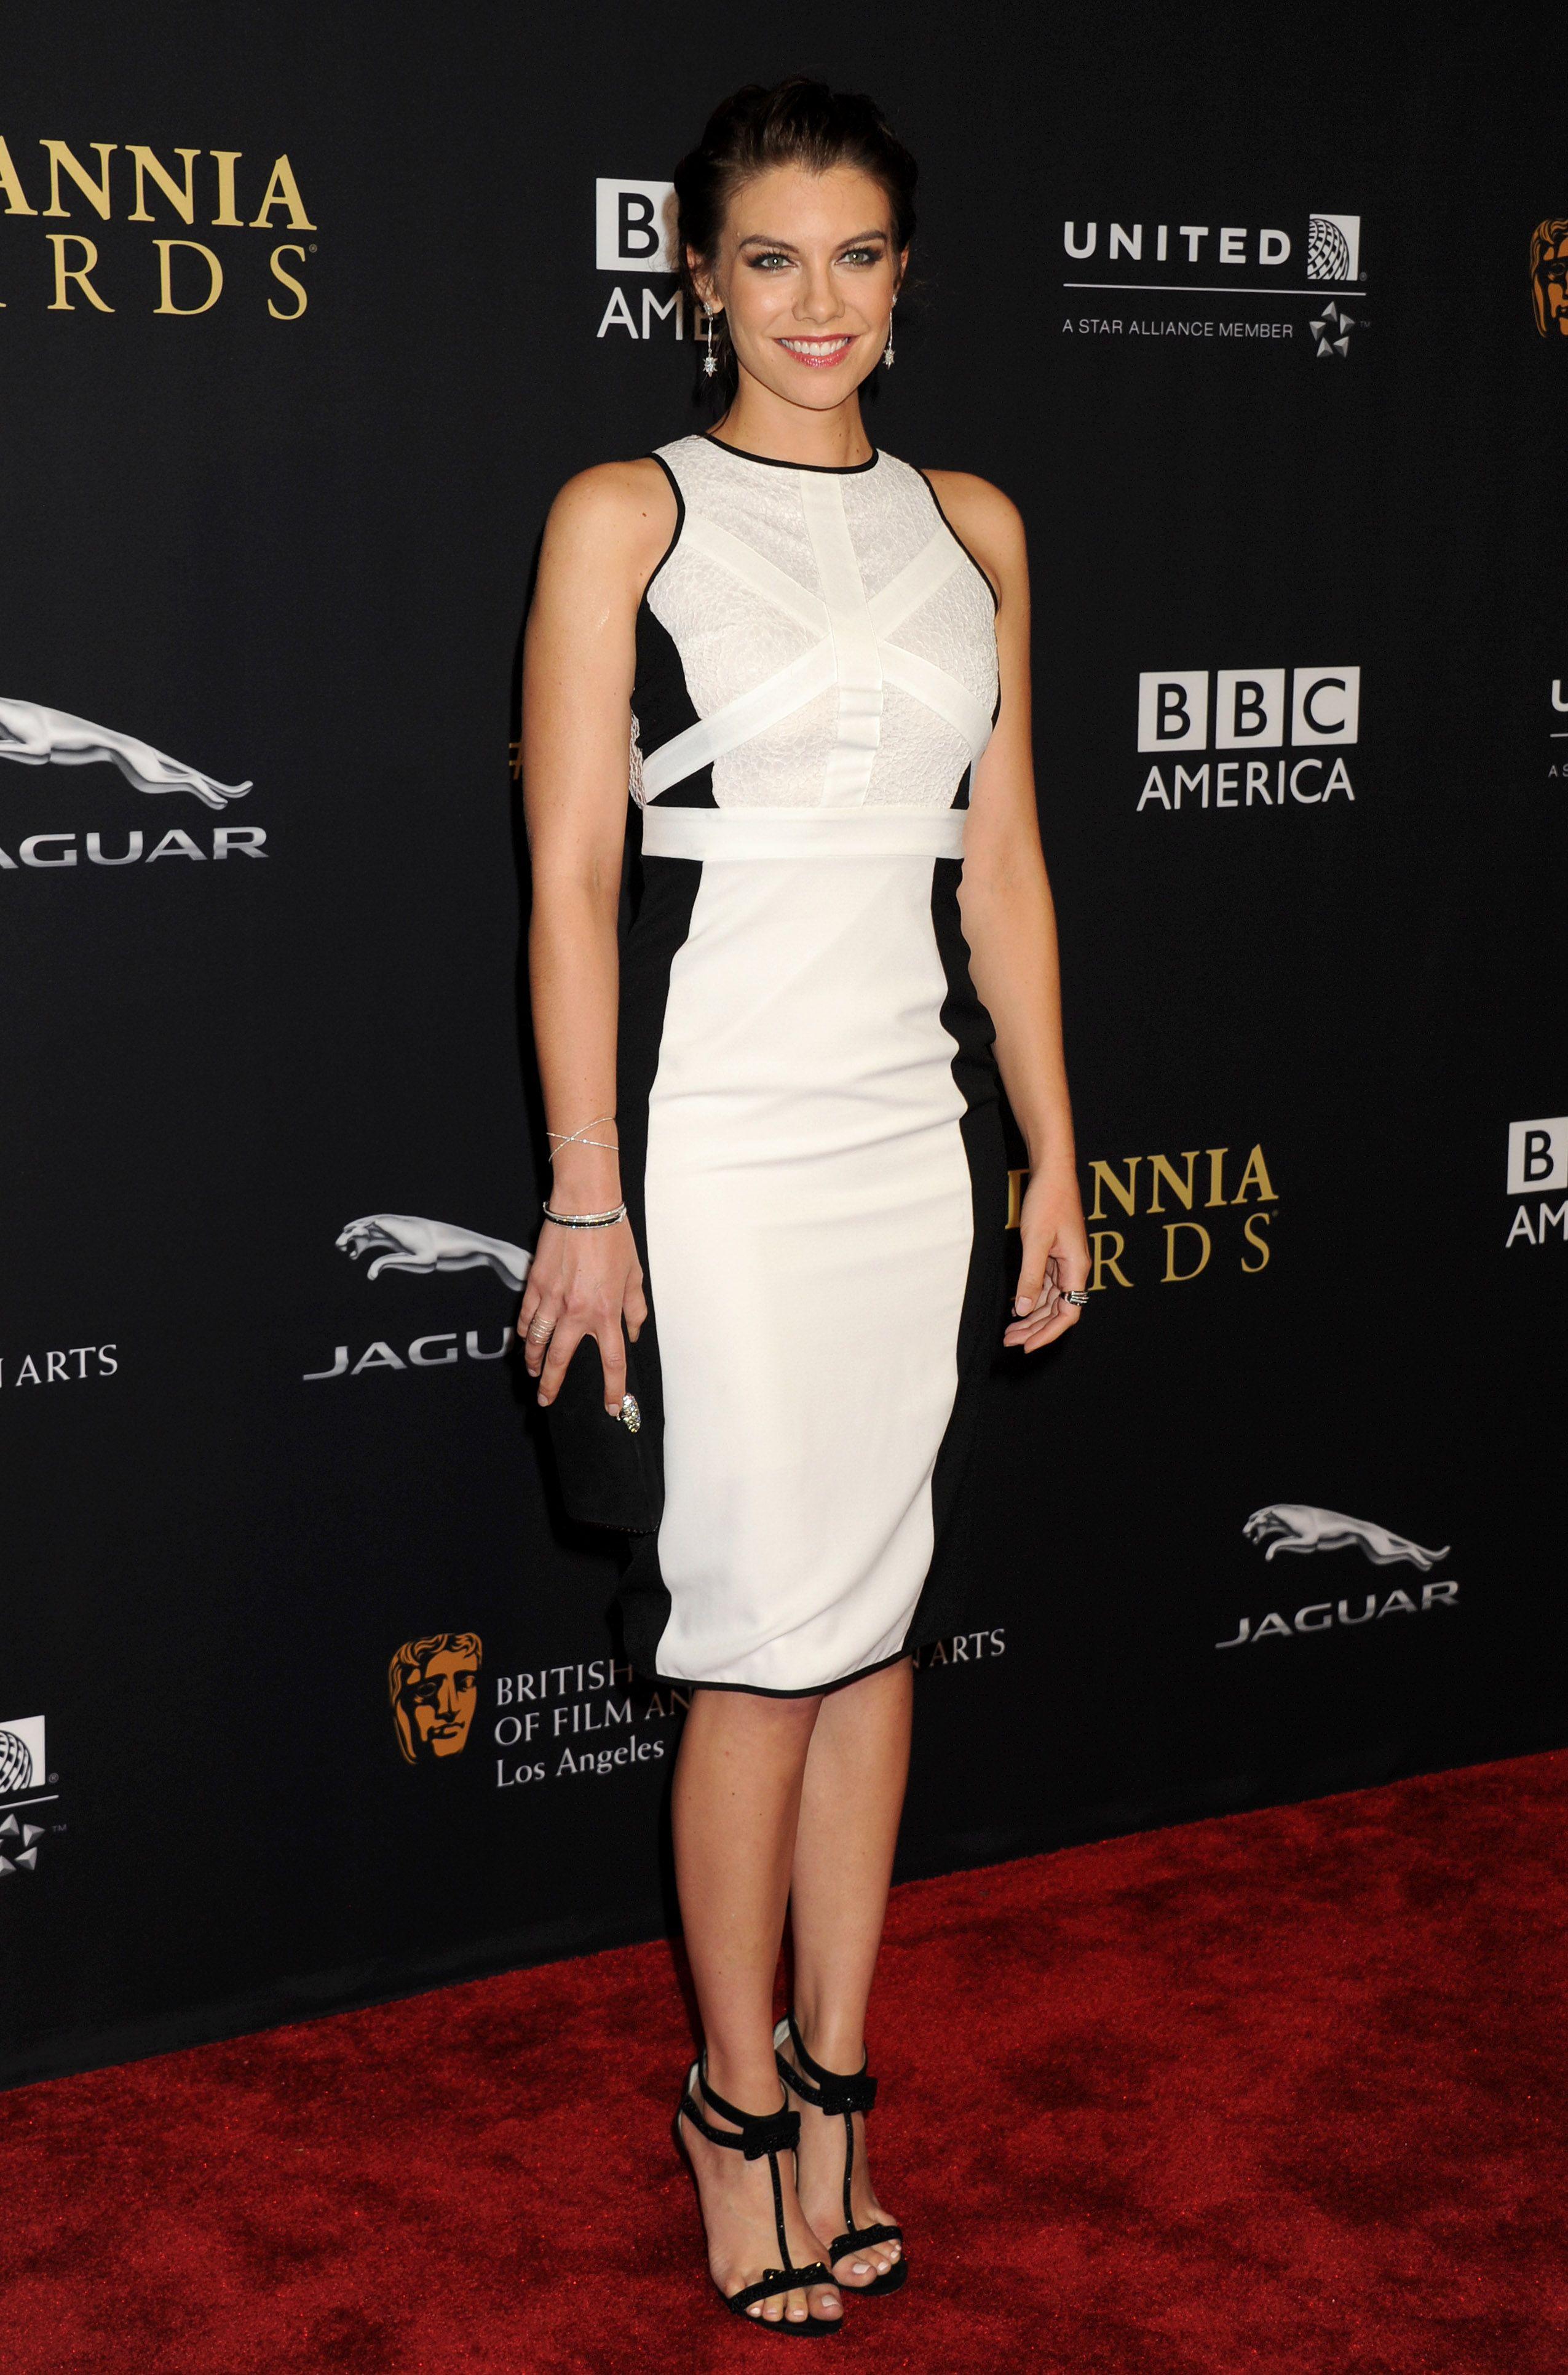 Lauren cohan u u baftaus uthe britannia awardsu in